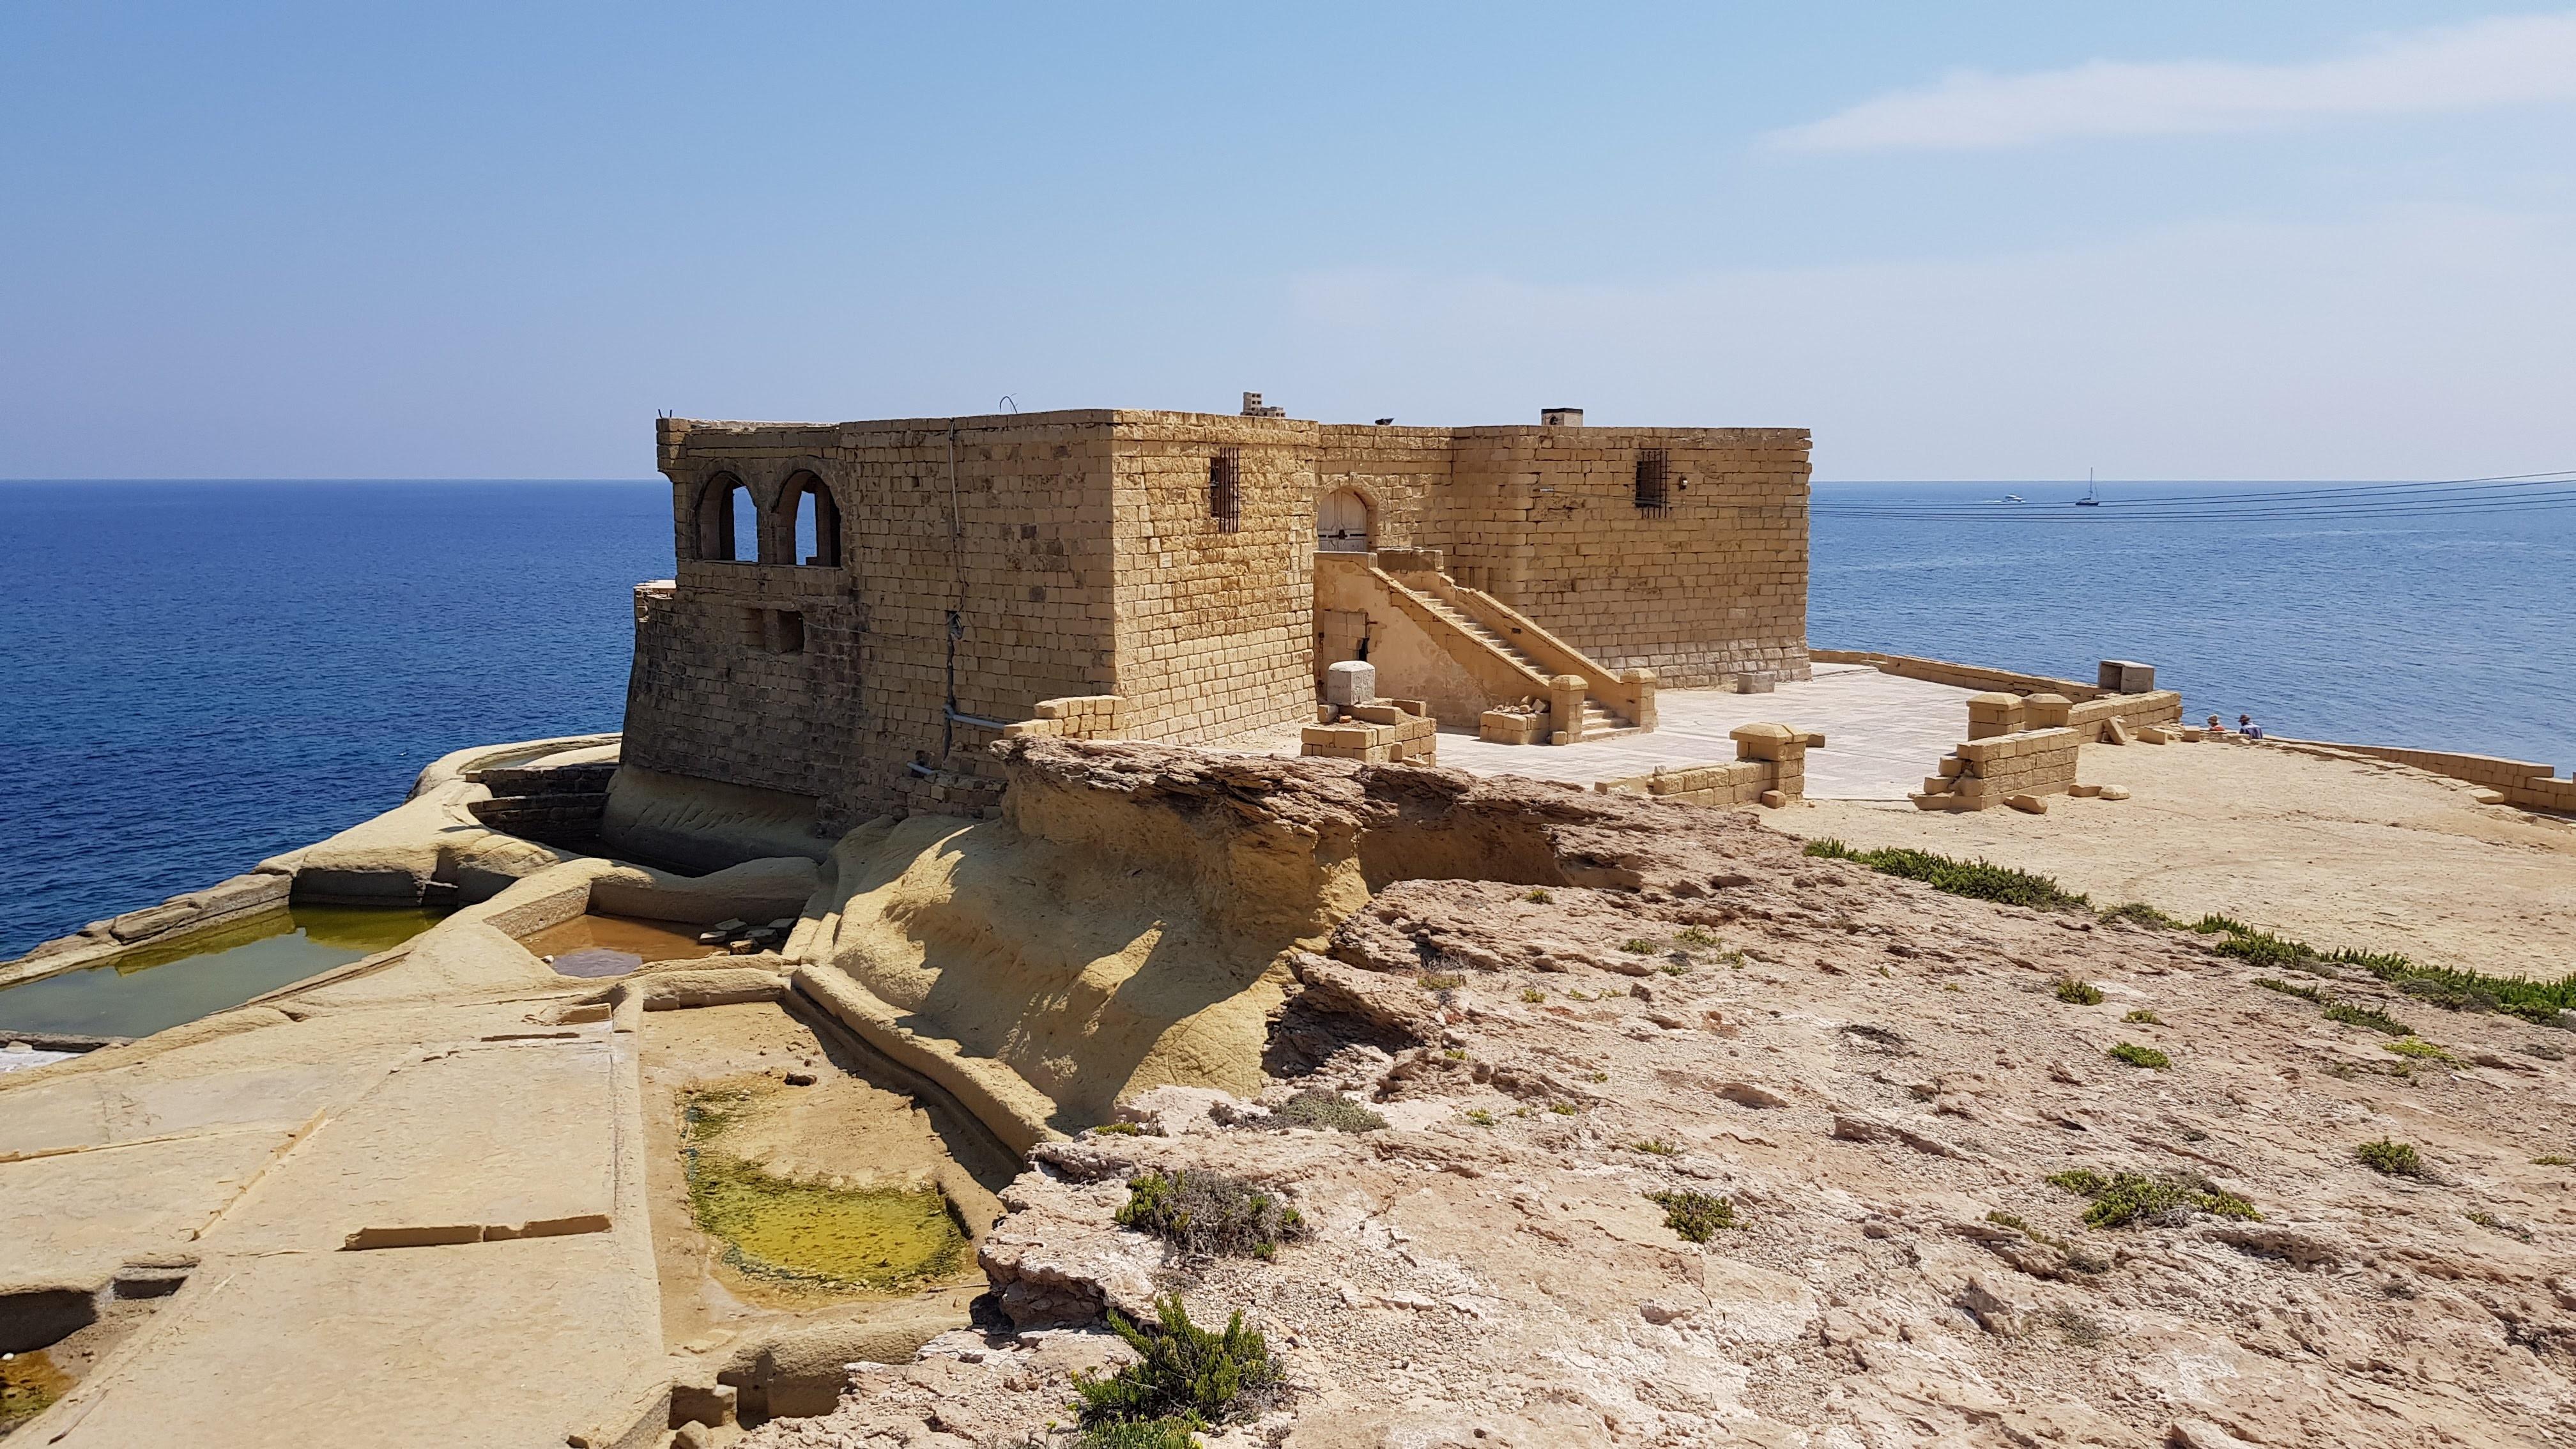 Batería de Qolla l-Bajda - Isla de Gozo, Malta